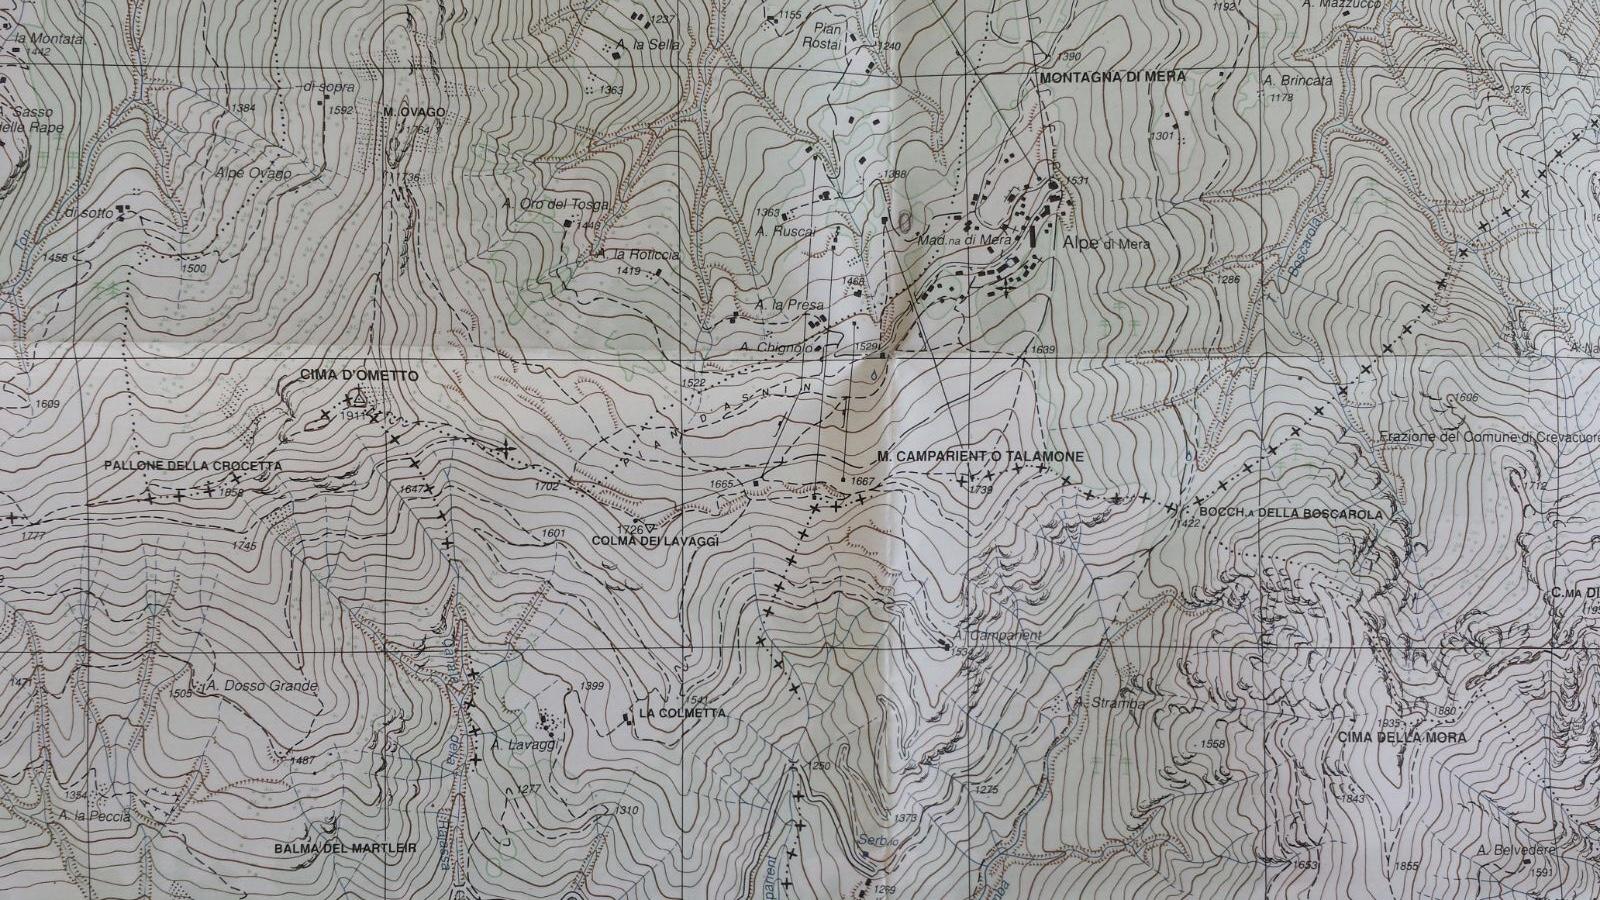 Orienteering percorso #2